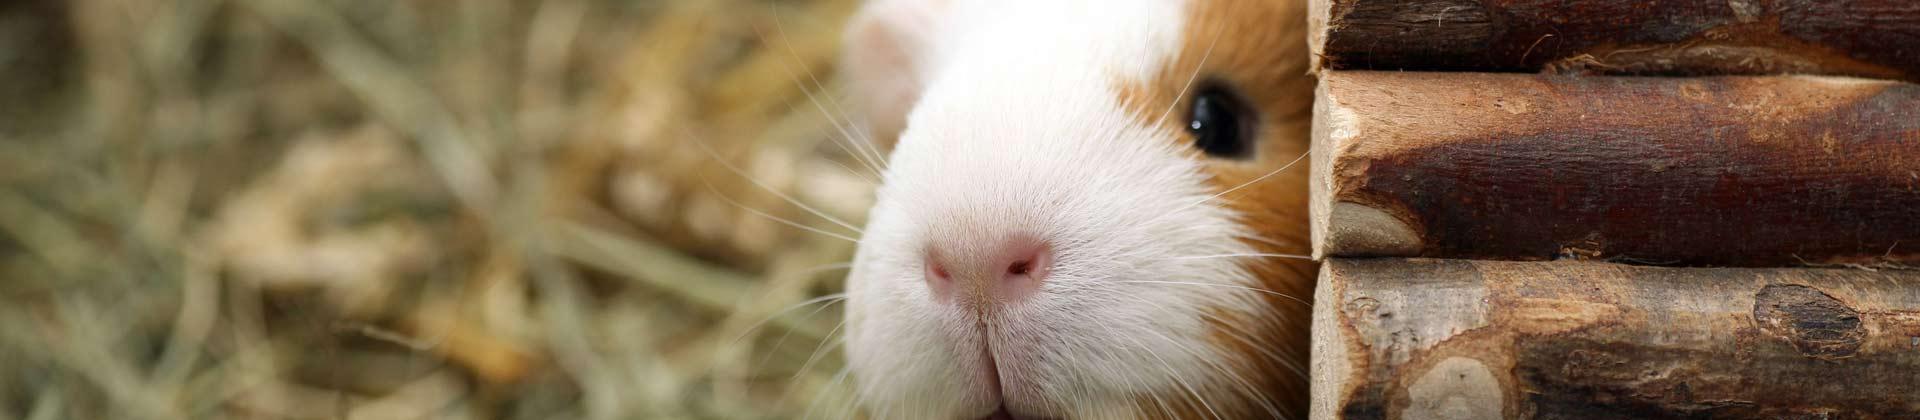 Kleintierstall Hamster und Meerschweinchen